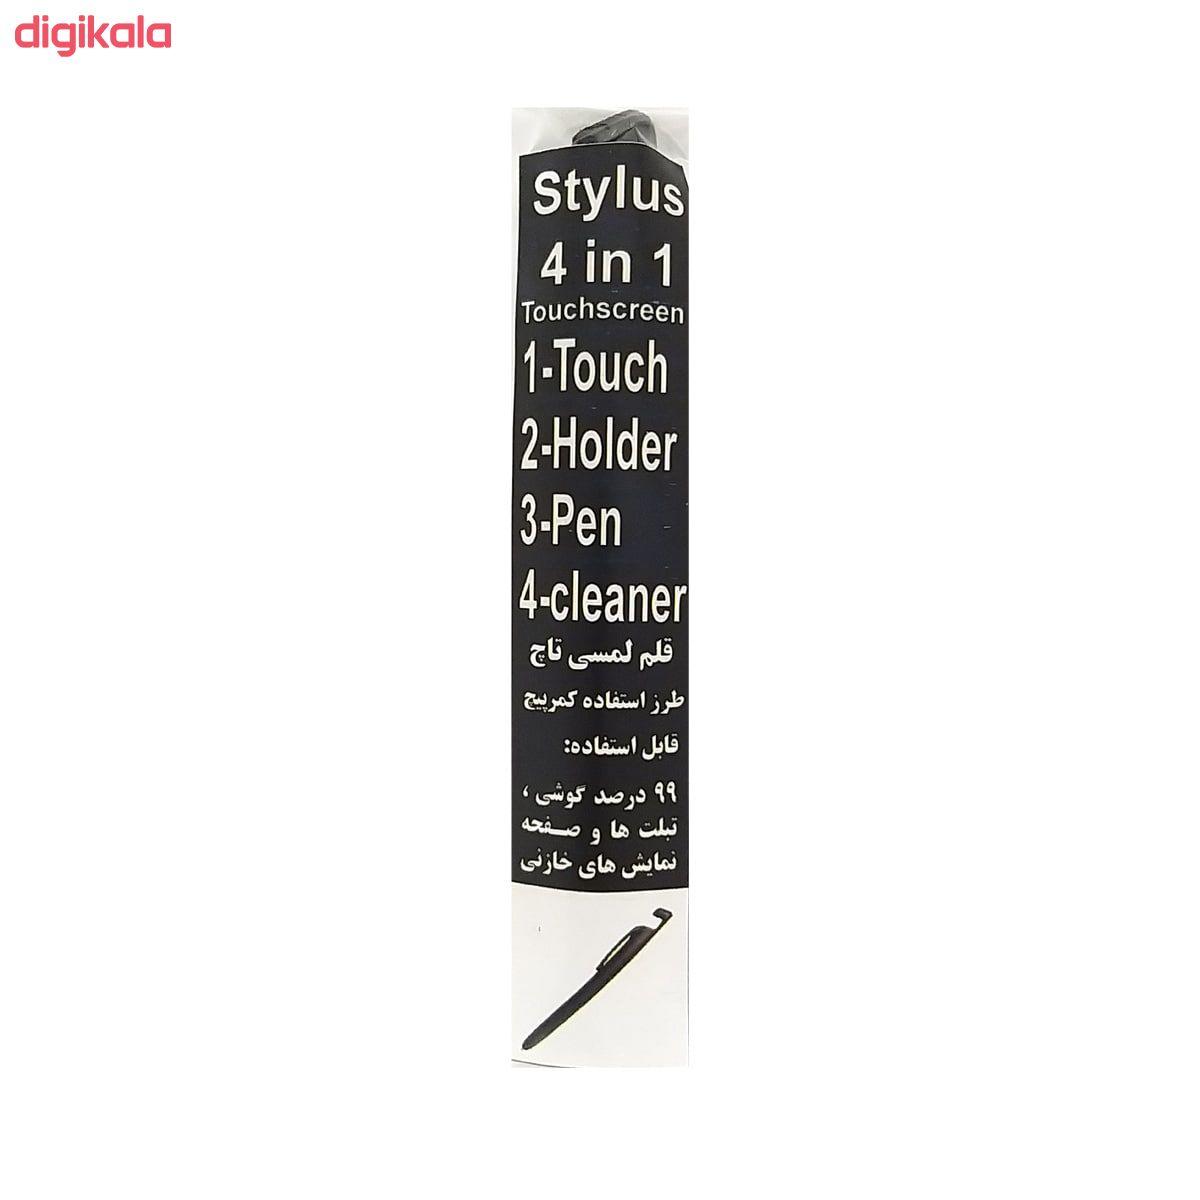 قلم لمسی و پایه نگهدارنده موبایل مدل SKJMRJNQ002369 main 1 18